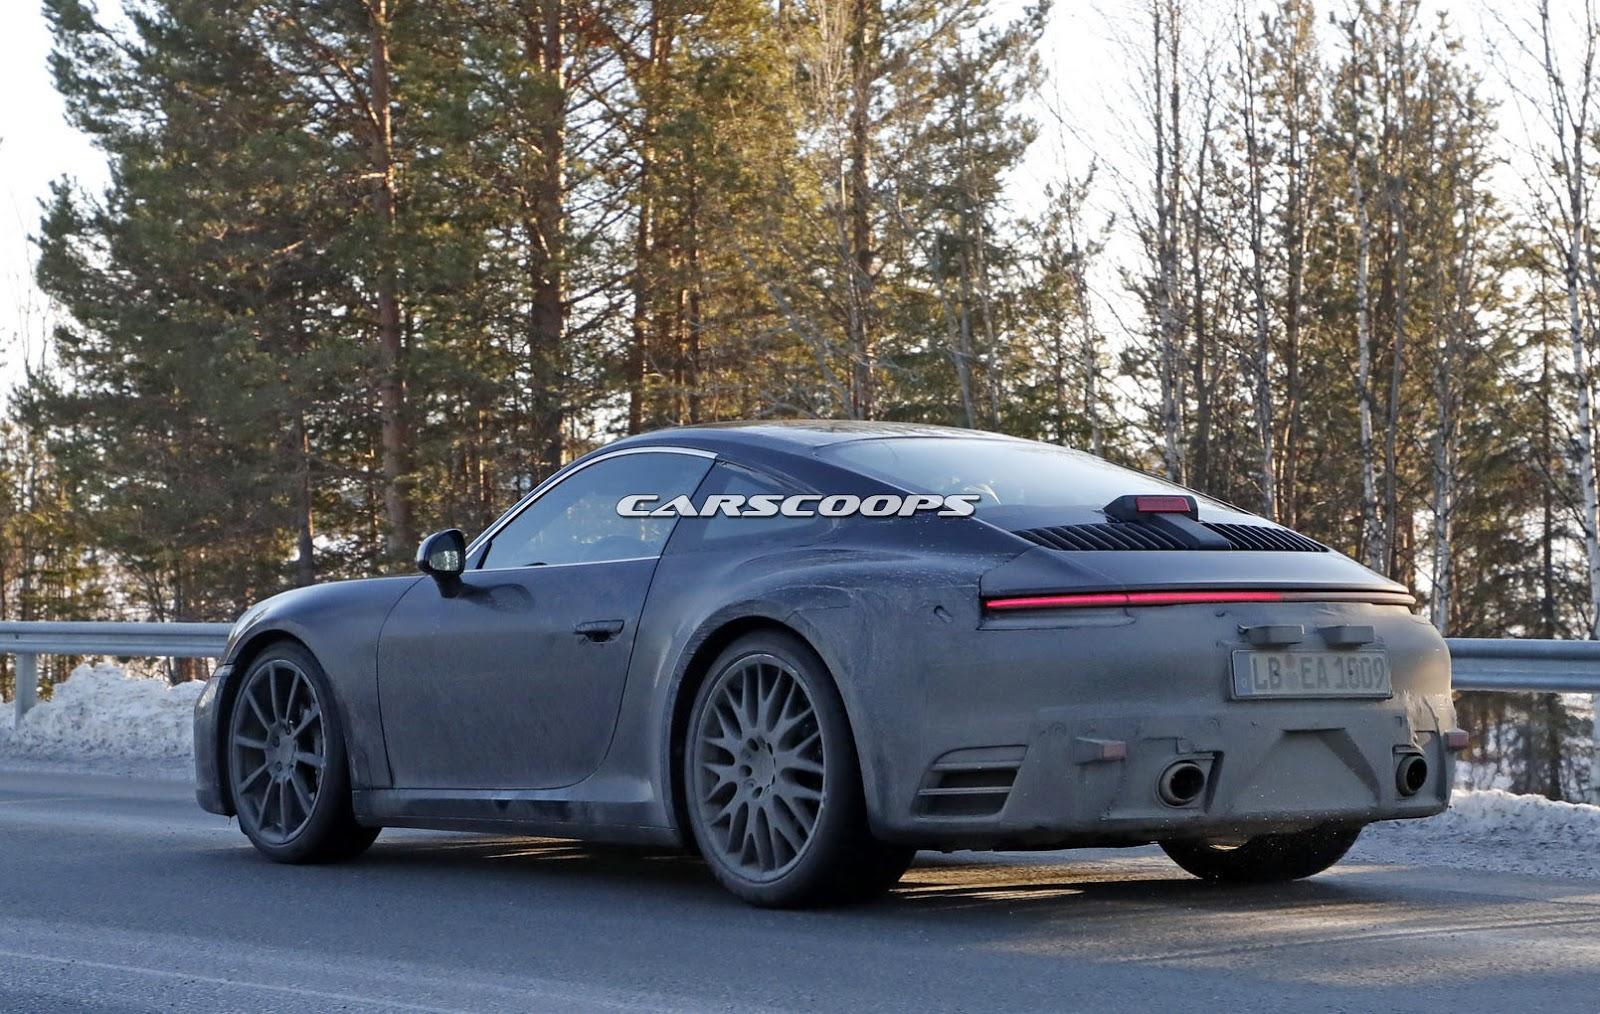 2019 Porsche 911 Turbo S >> 2019 Porsche 911 Spy Shots Highlight Its Mission E-Inspired Bottom